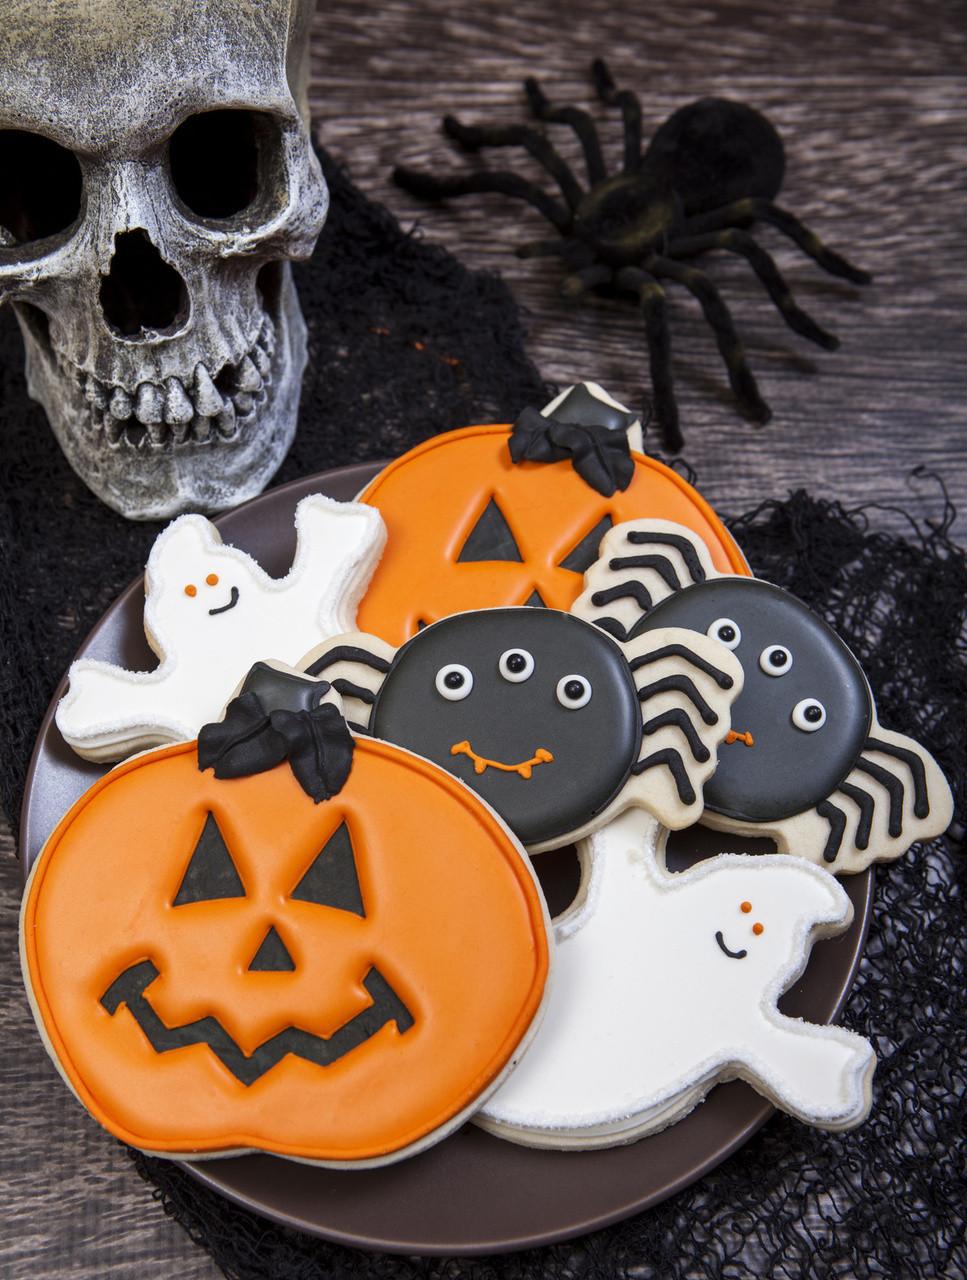 Halloween Cookies Decorating  Spooky Cookie Halloween Cookie Decorations